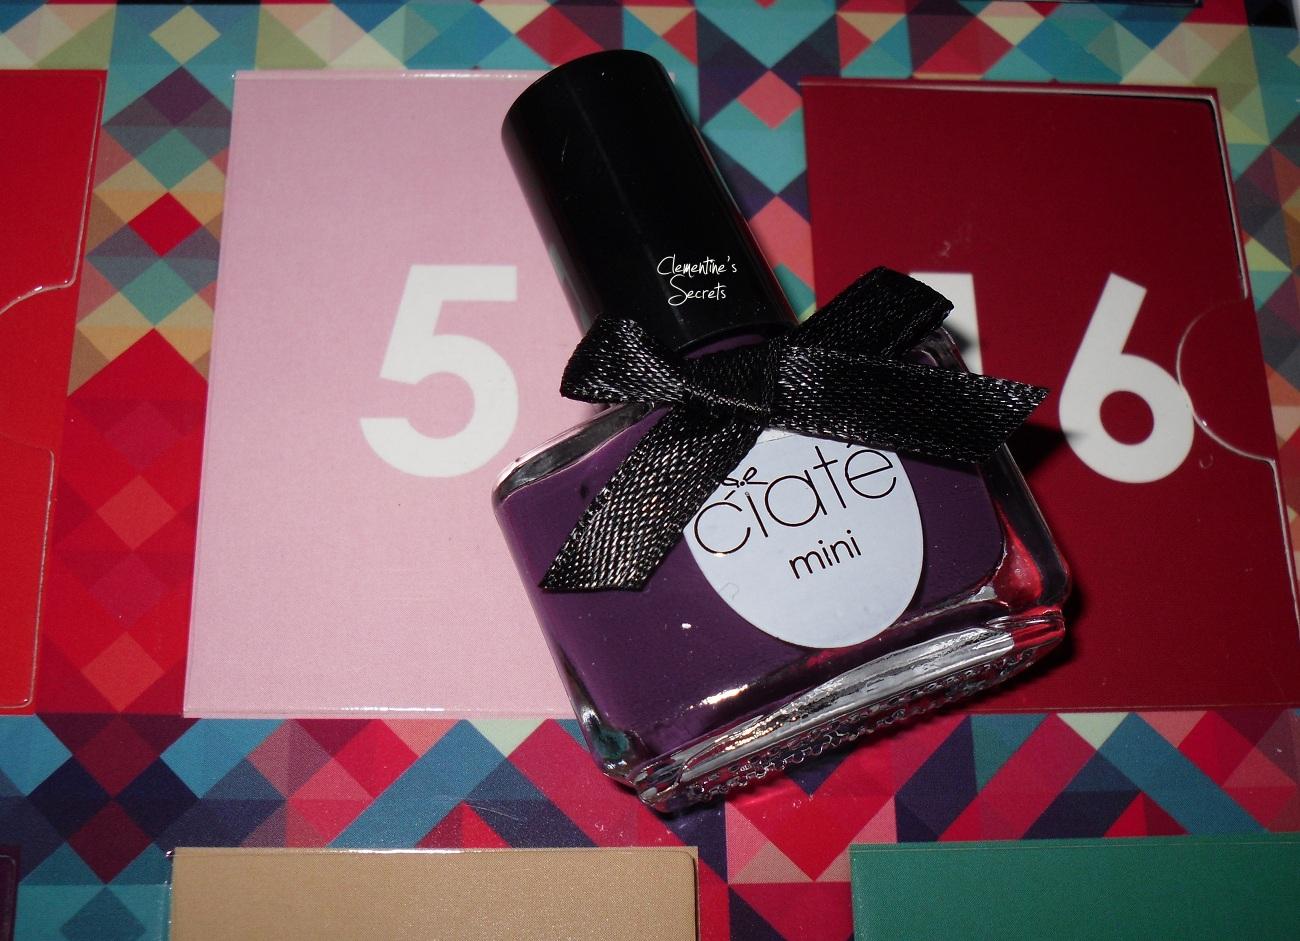 Ciate Day 05 Cabaret Mani Month Manucure  (1)